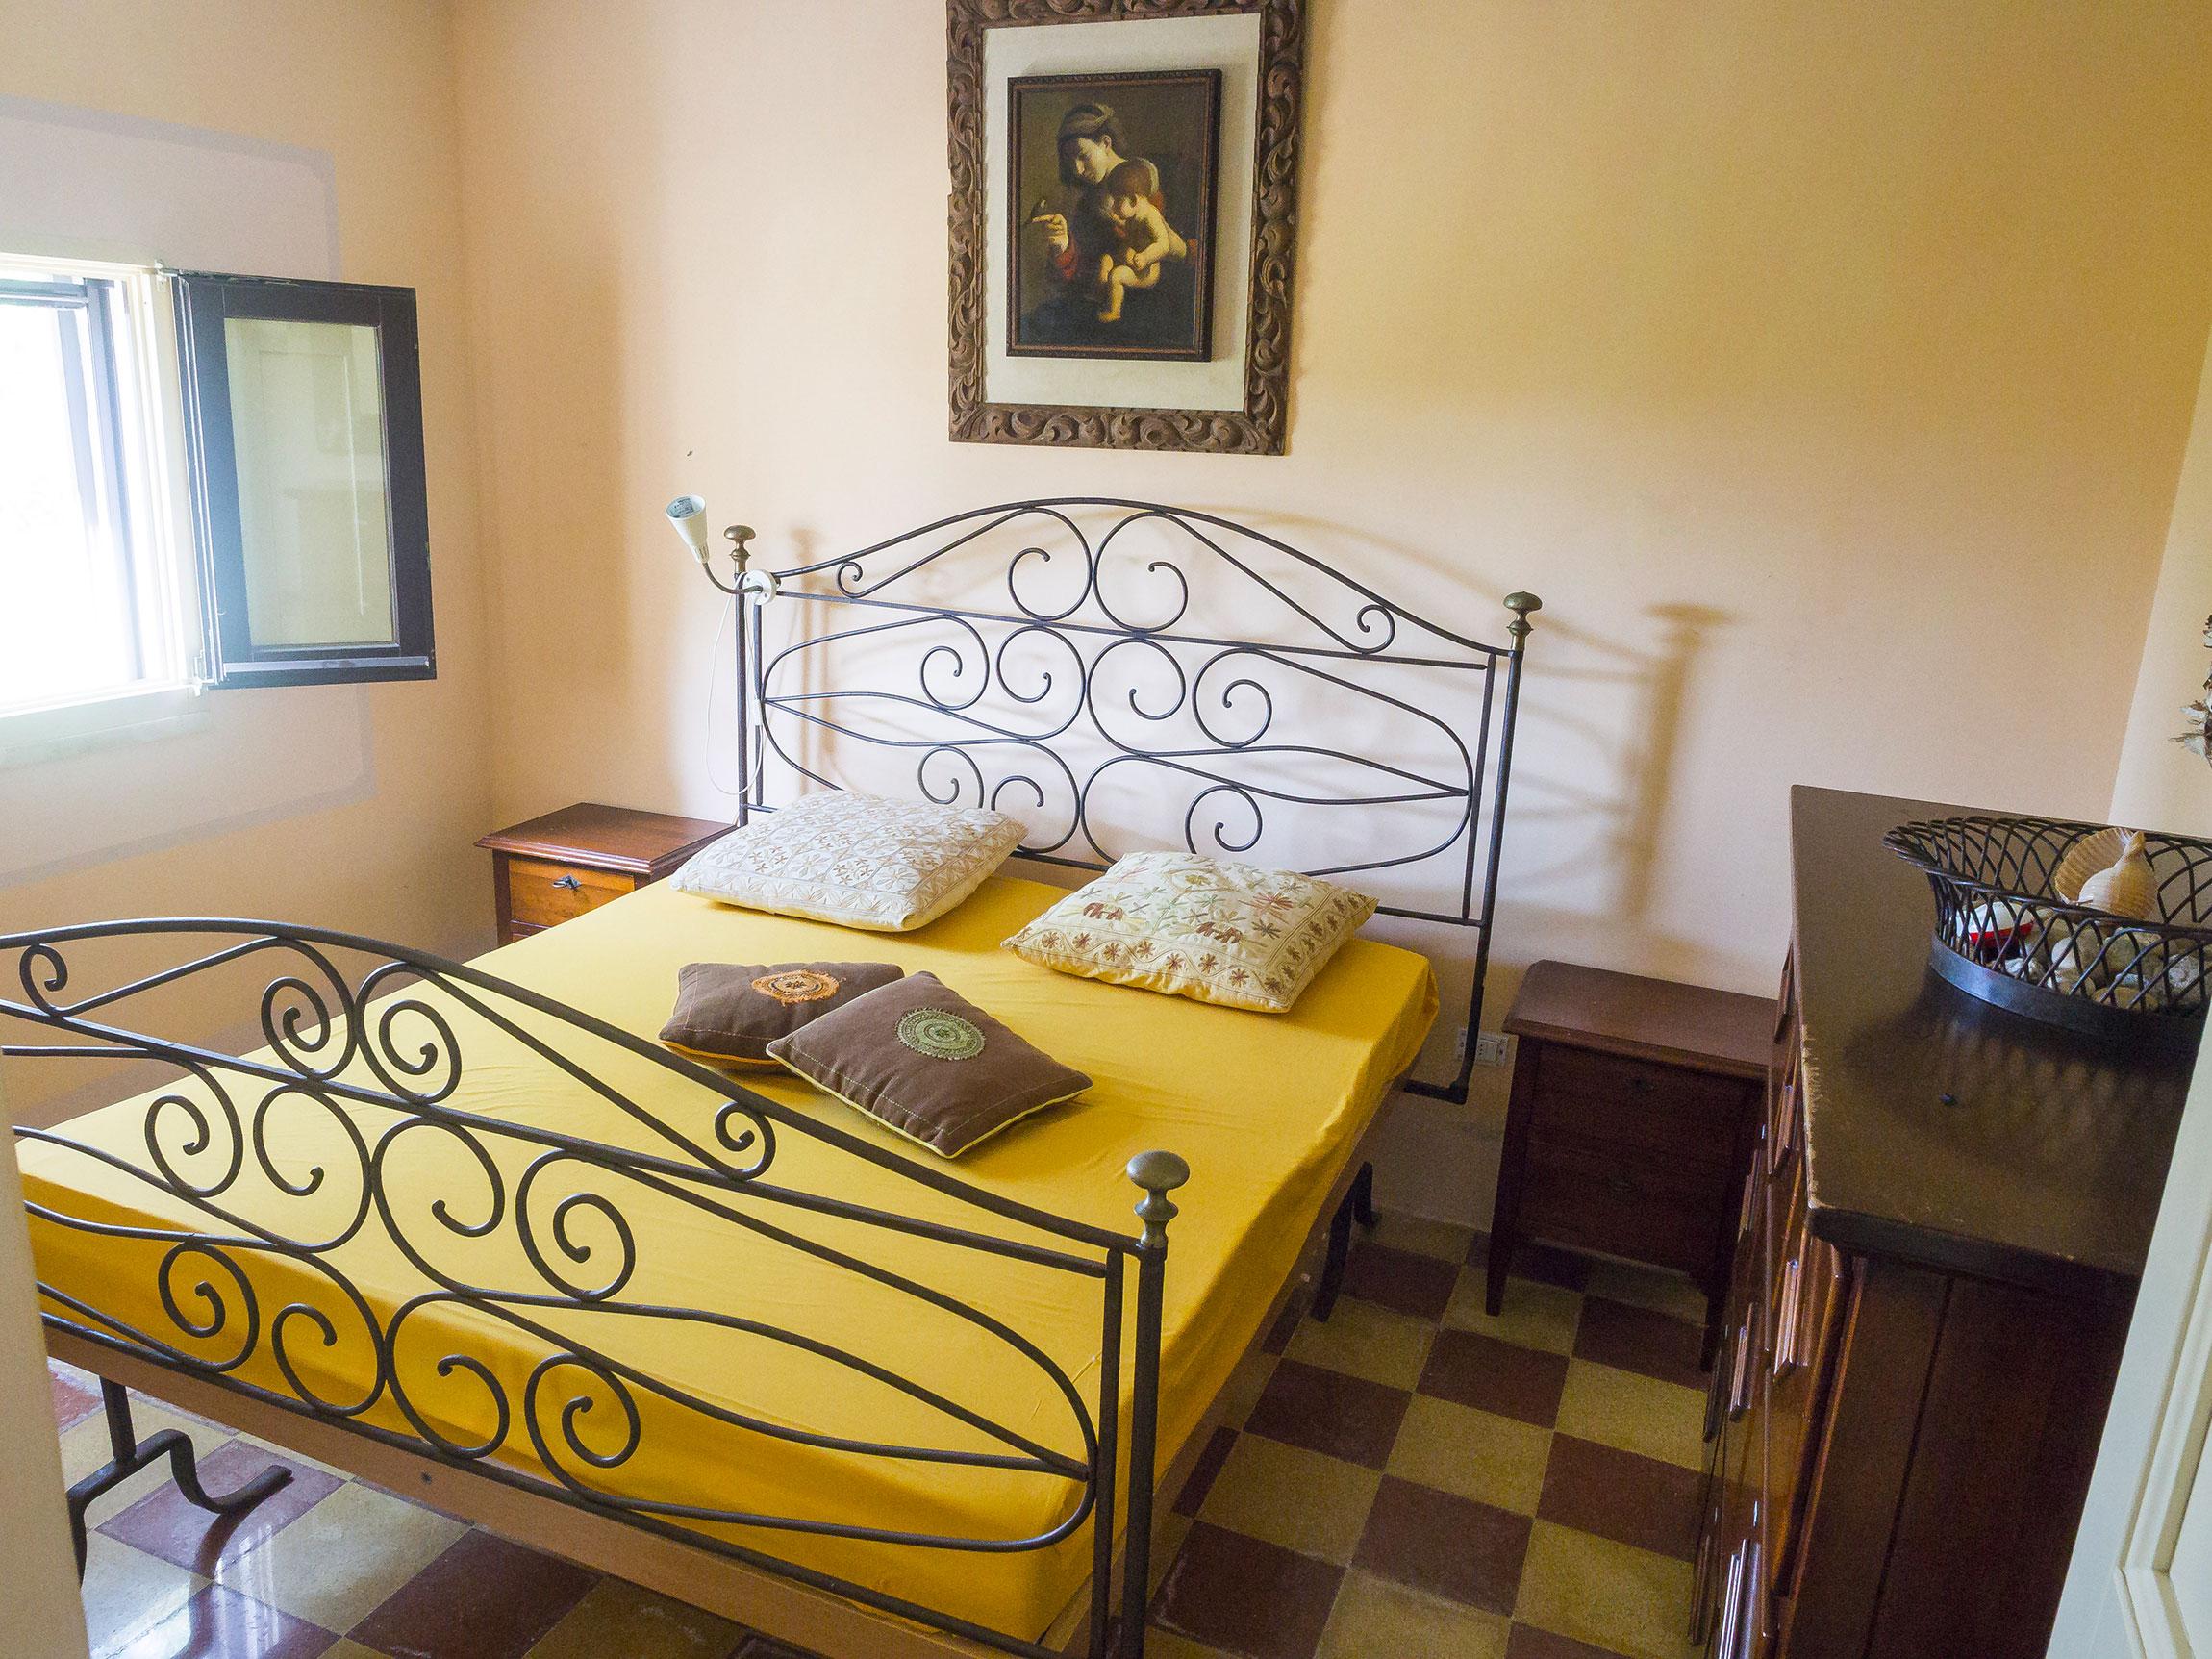 camera da letto matrimoniale nella Tenuta delle Agavi di MadeInGallipoli